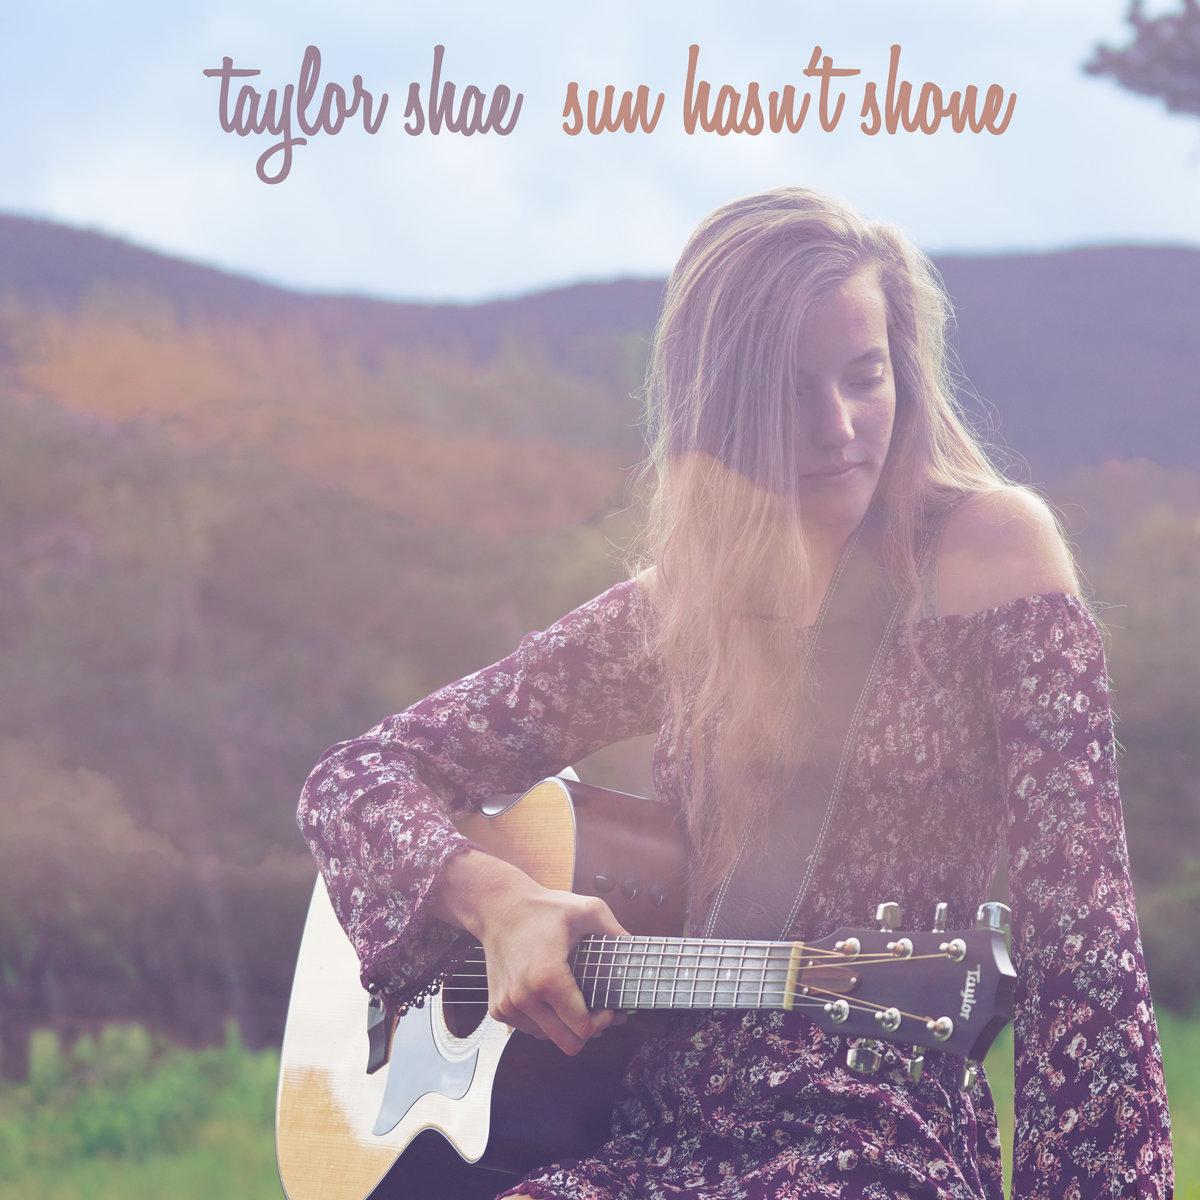 Sun Hasn't Shone by Taylor Shae